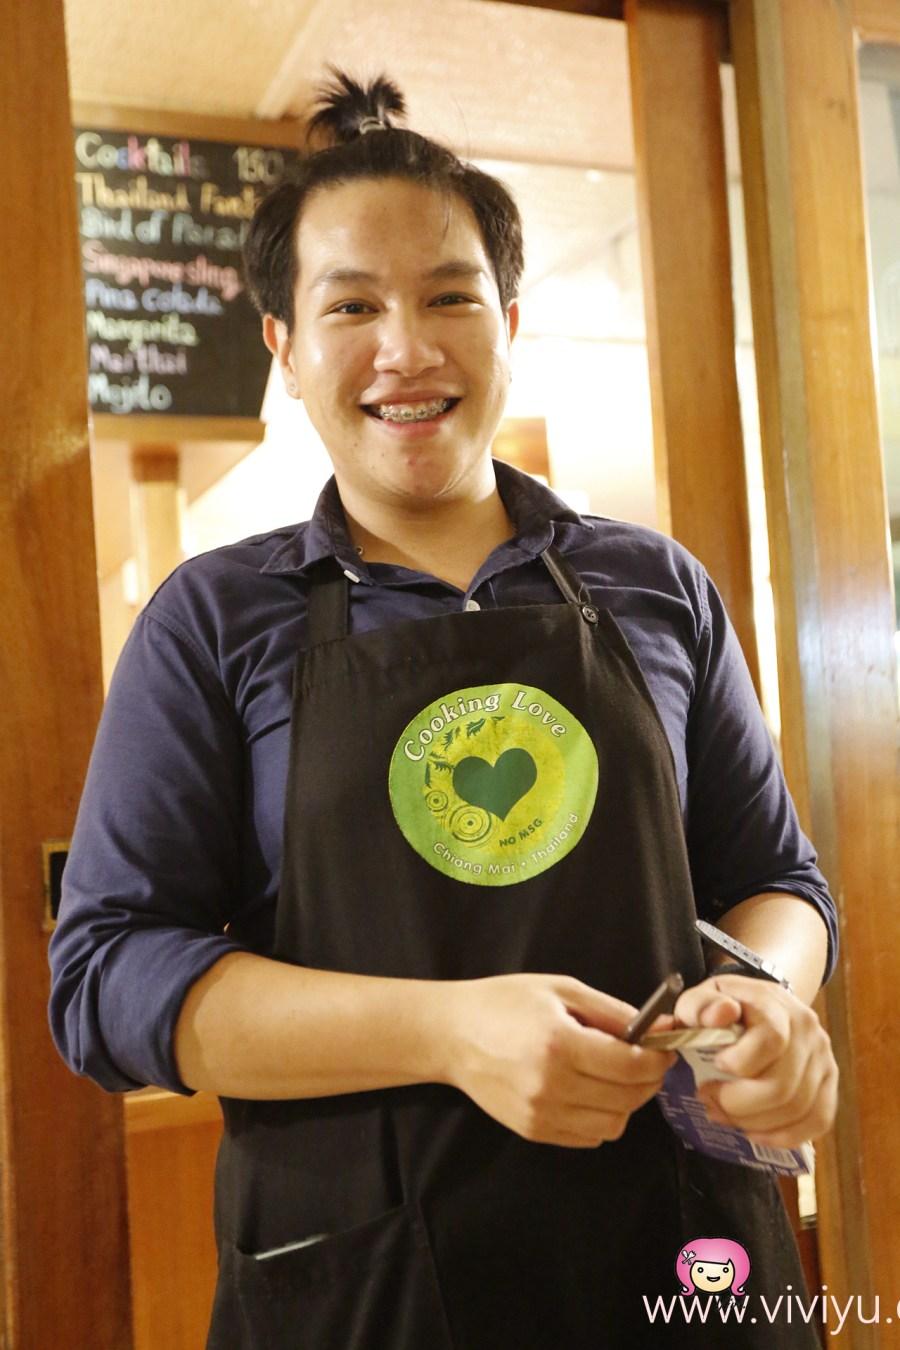 [清邁美食]Cooking Love│清邁老城區.塔佩門旁巷弄美食~平價美味.此趟最好吃的芒果糯米飯! @VIVIYU小世界